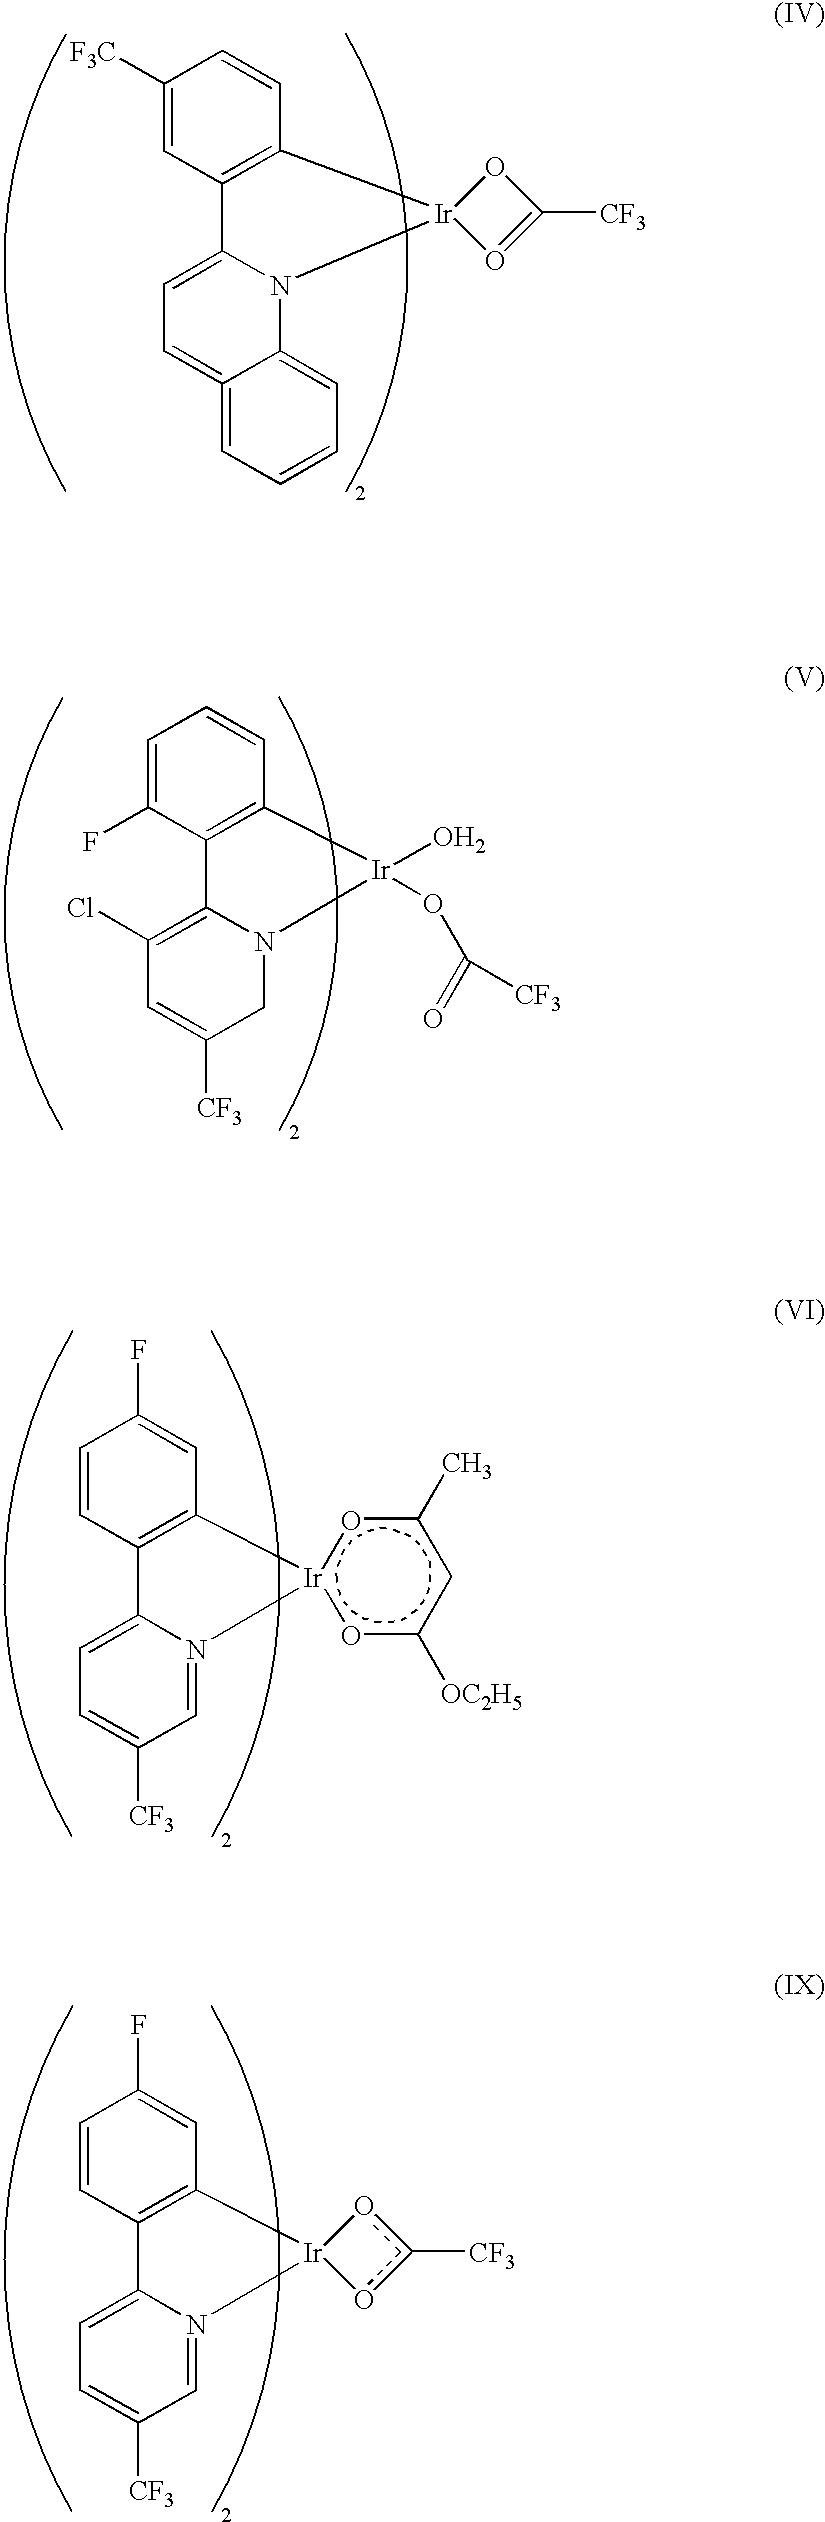 Figure US20020121638A1-20020905-C00013